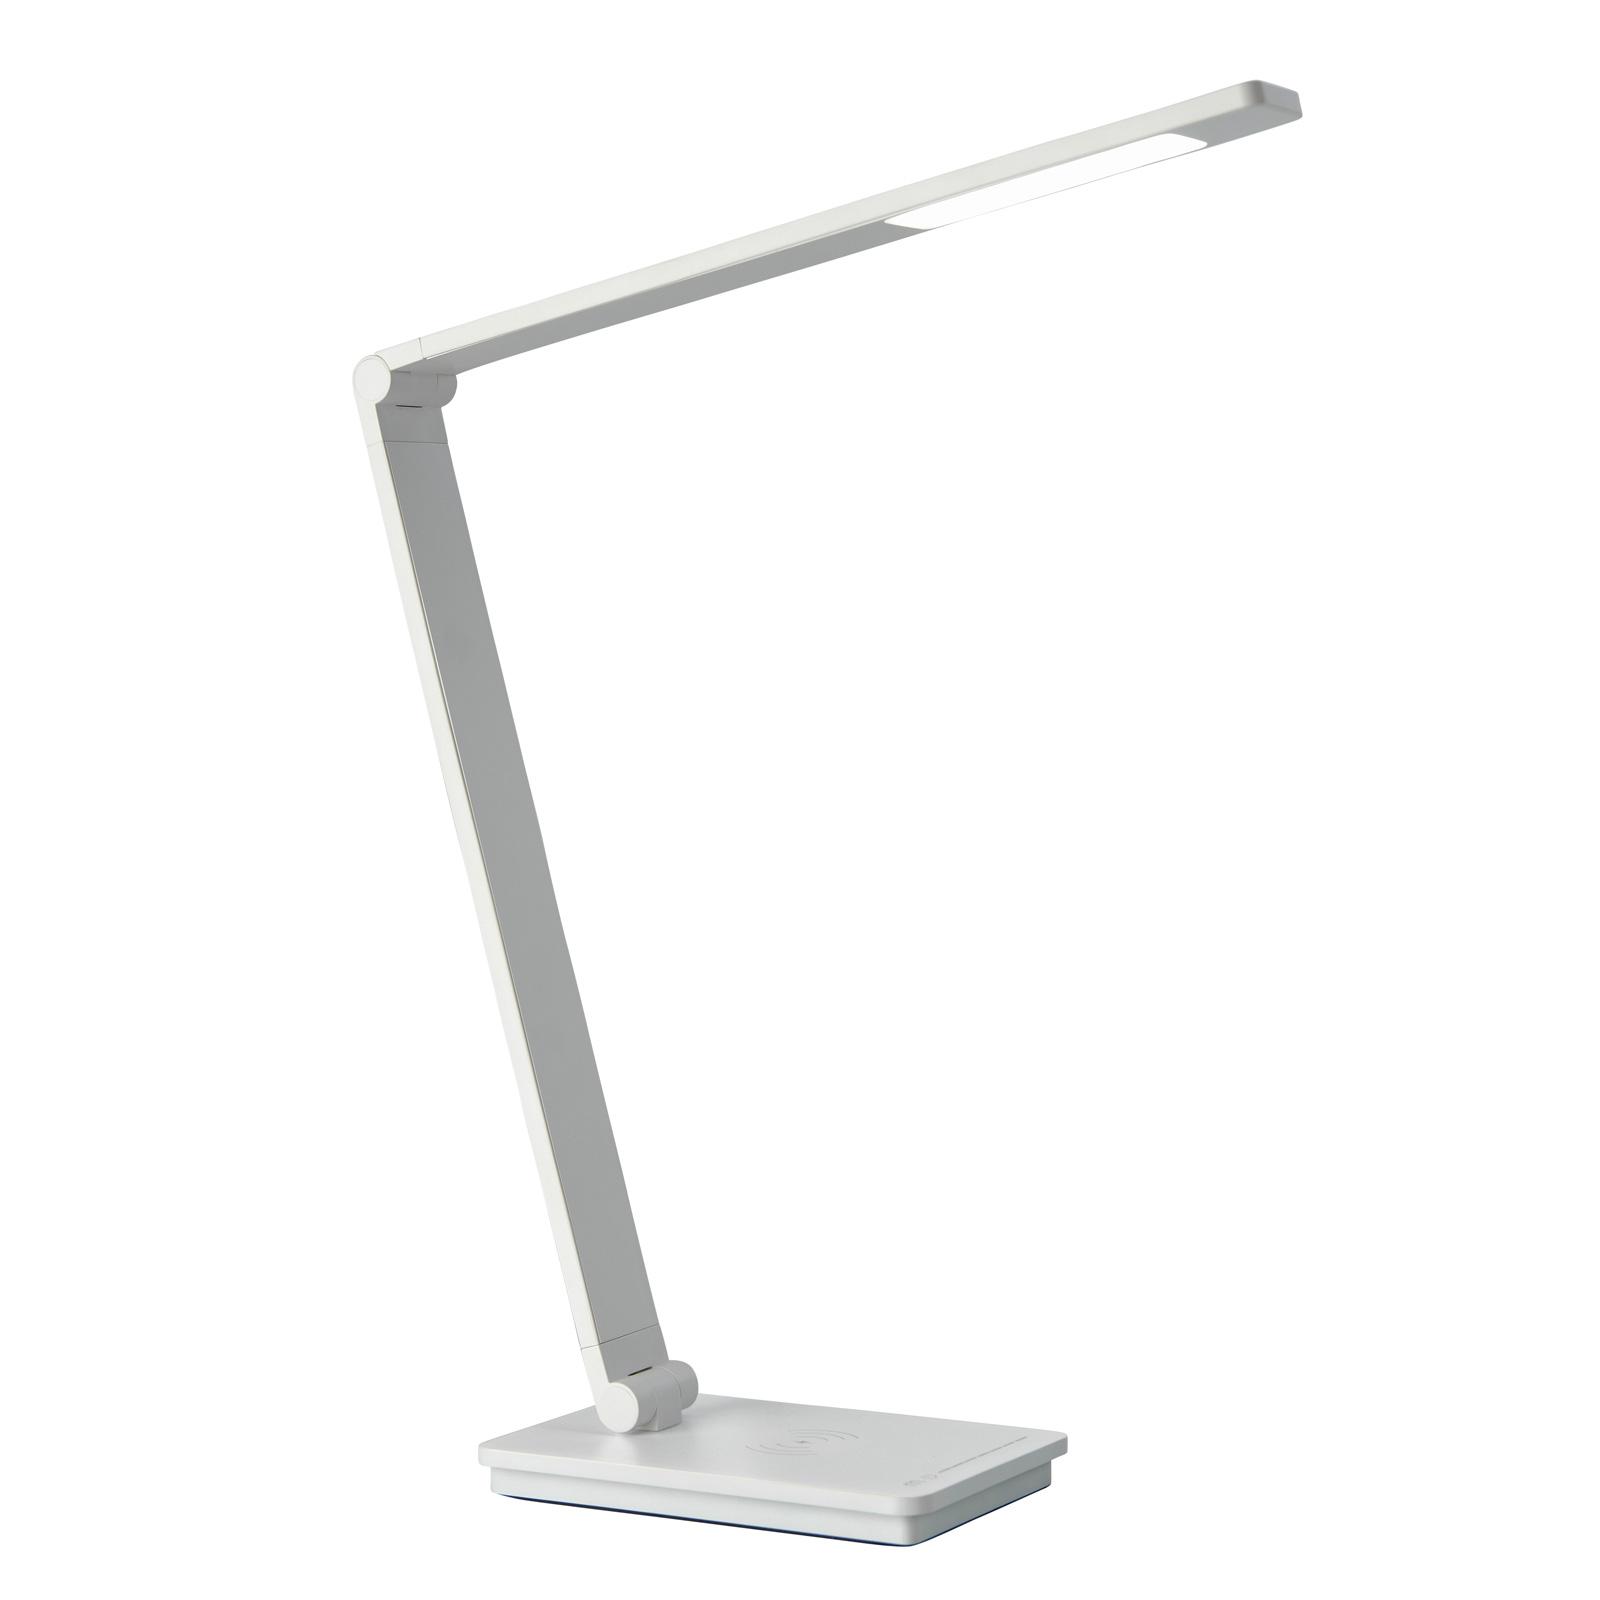 Schreibtischlampe Uli Phone, QI-Ladestation, weiß